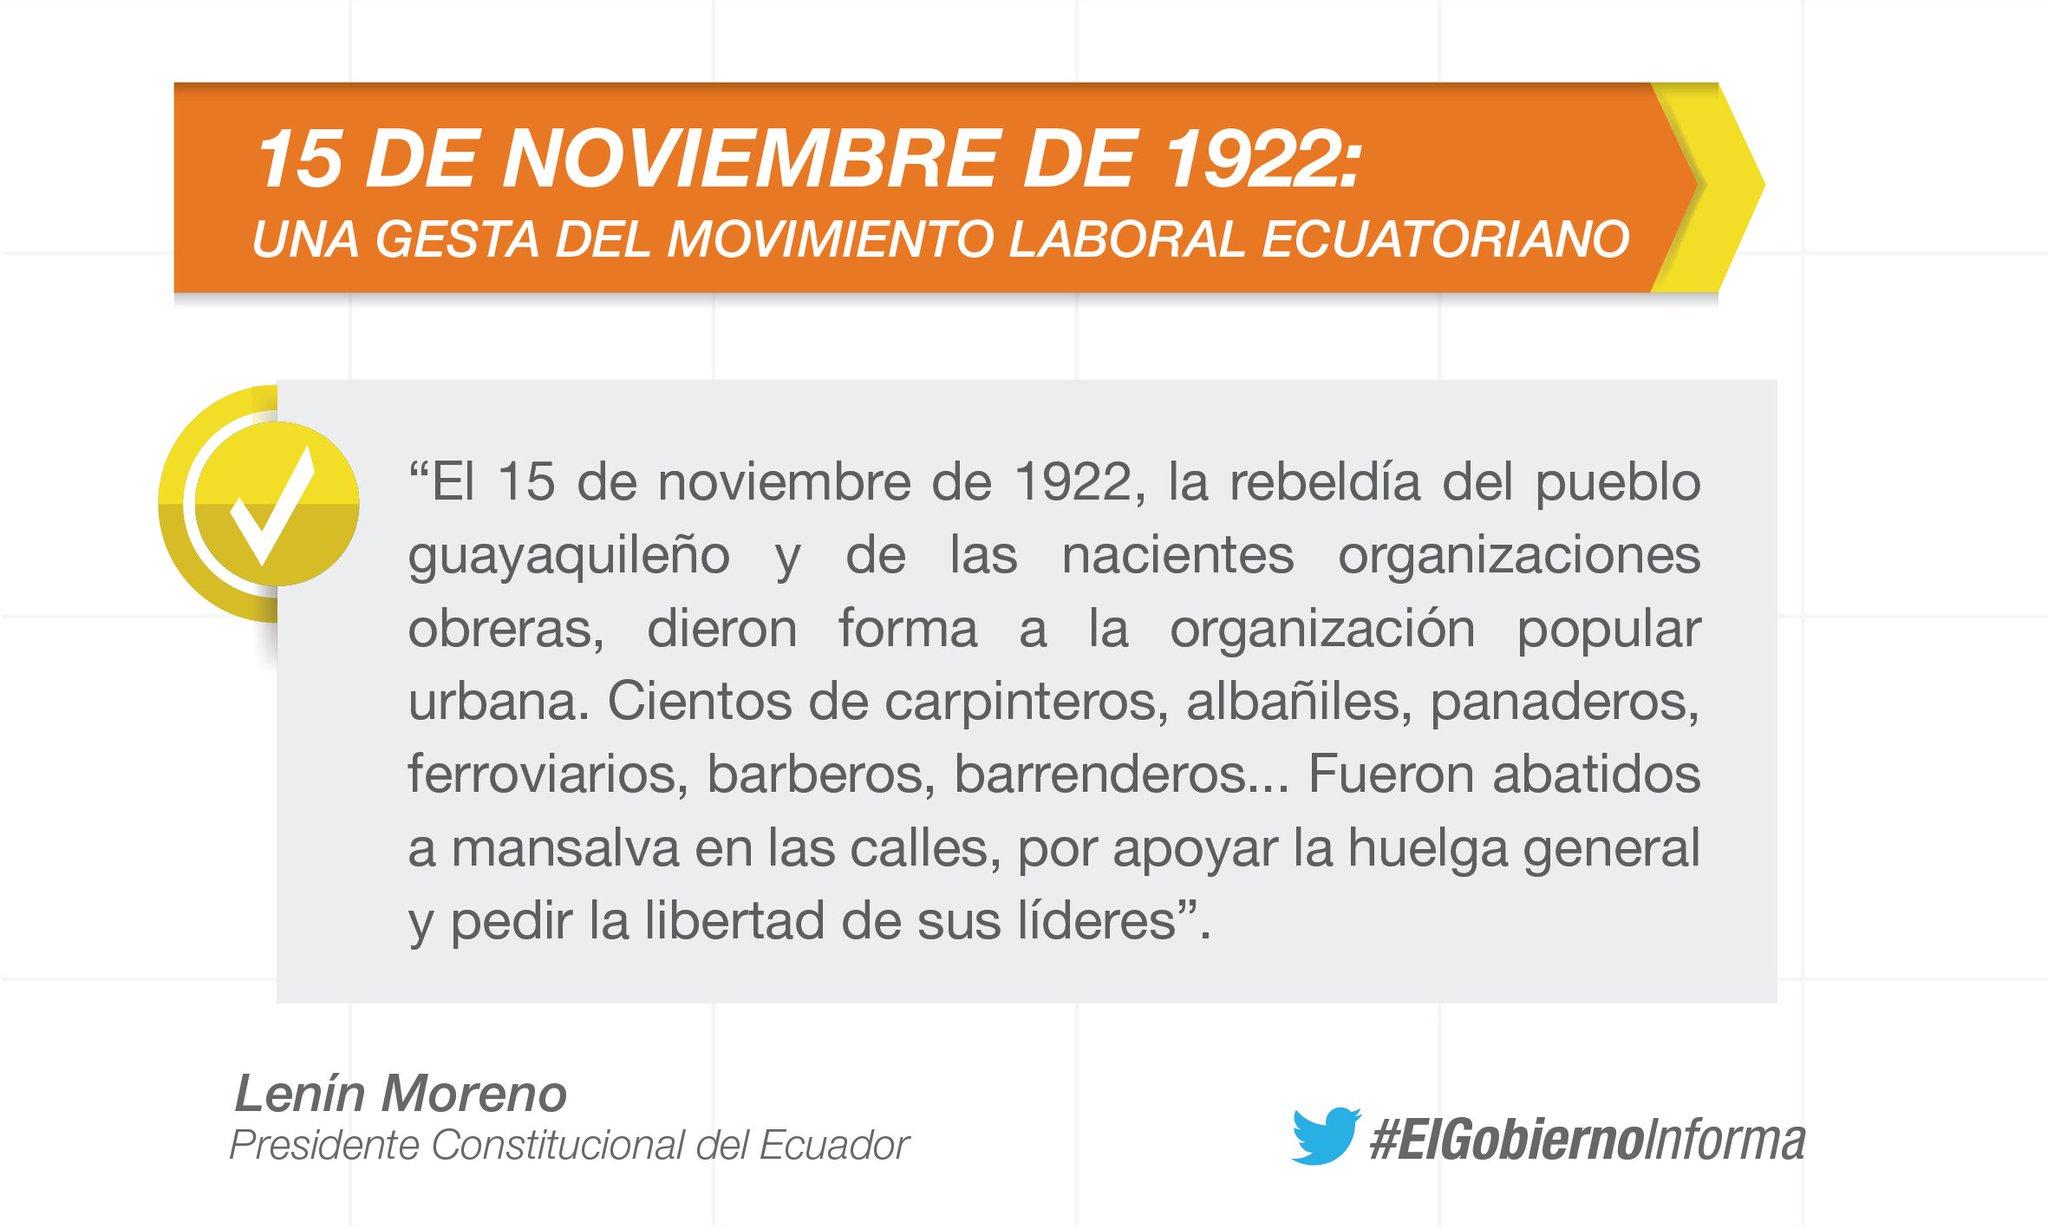 """""""Amigas y amigos: el 15 de noviembre es una fecha que nunca debemos olvidar"""", @Lenin Moreno #ElGobiernoInforma https://t.co/6bCVOt2myO"""